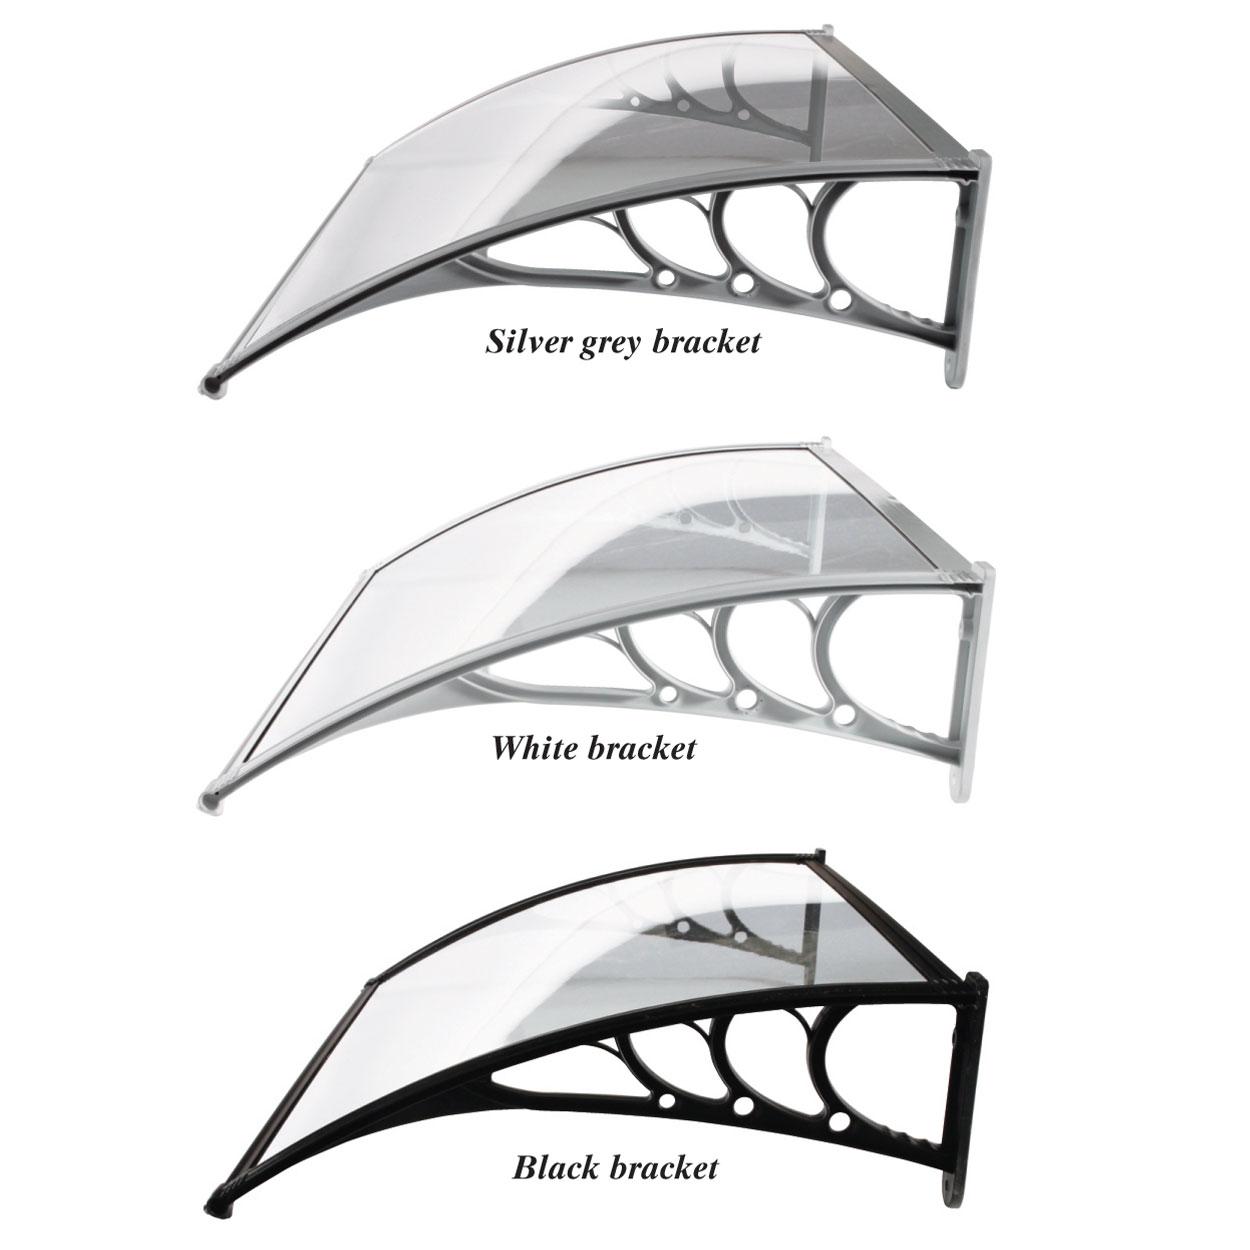 door canopy screwfix henderson bi fold b10 2 2 door. Black Bedroom Furniture Sets. Home Design Ideas